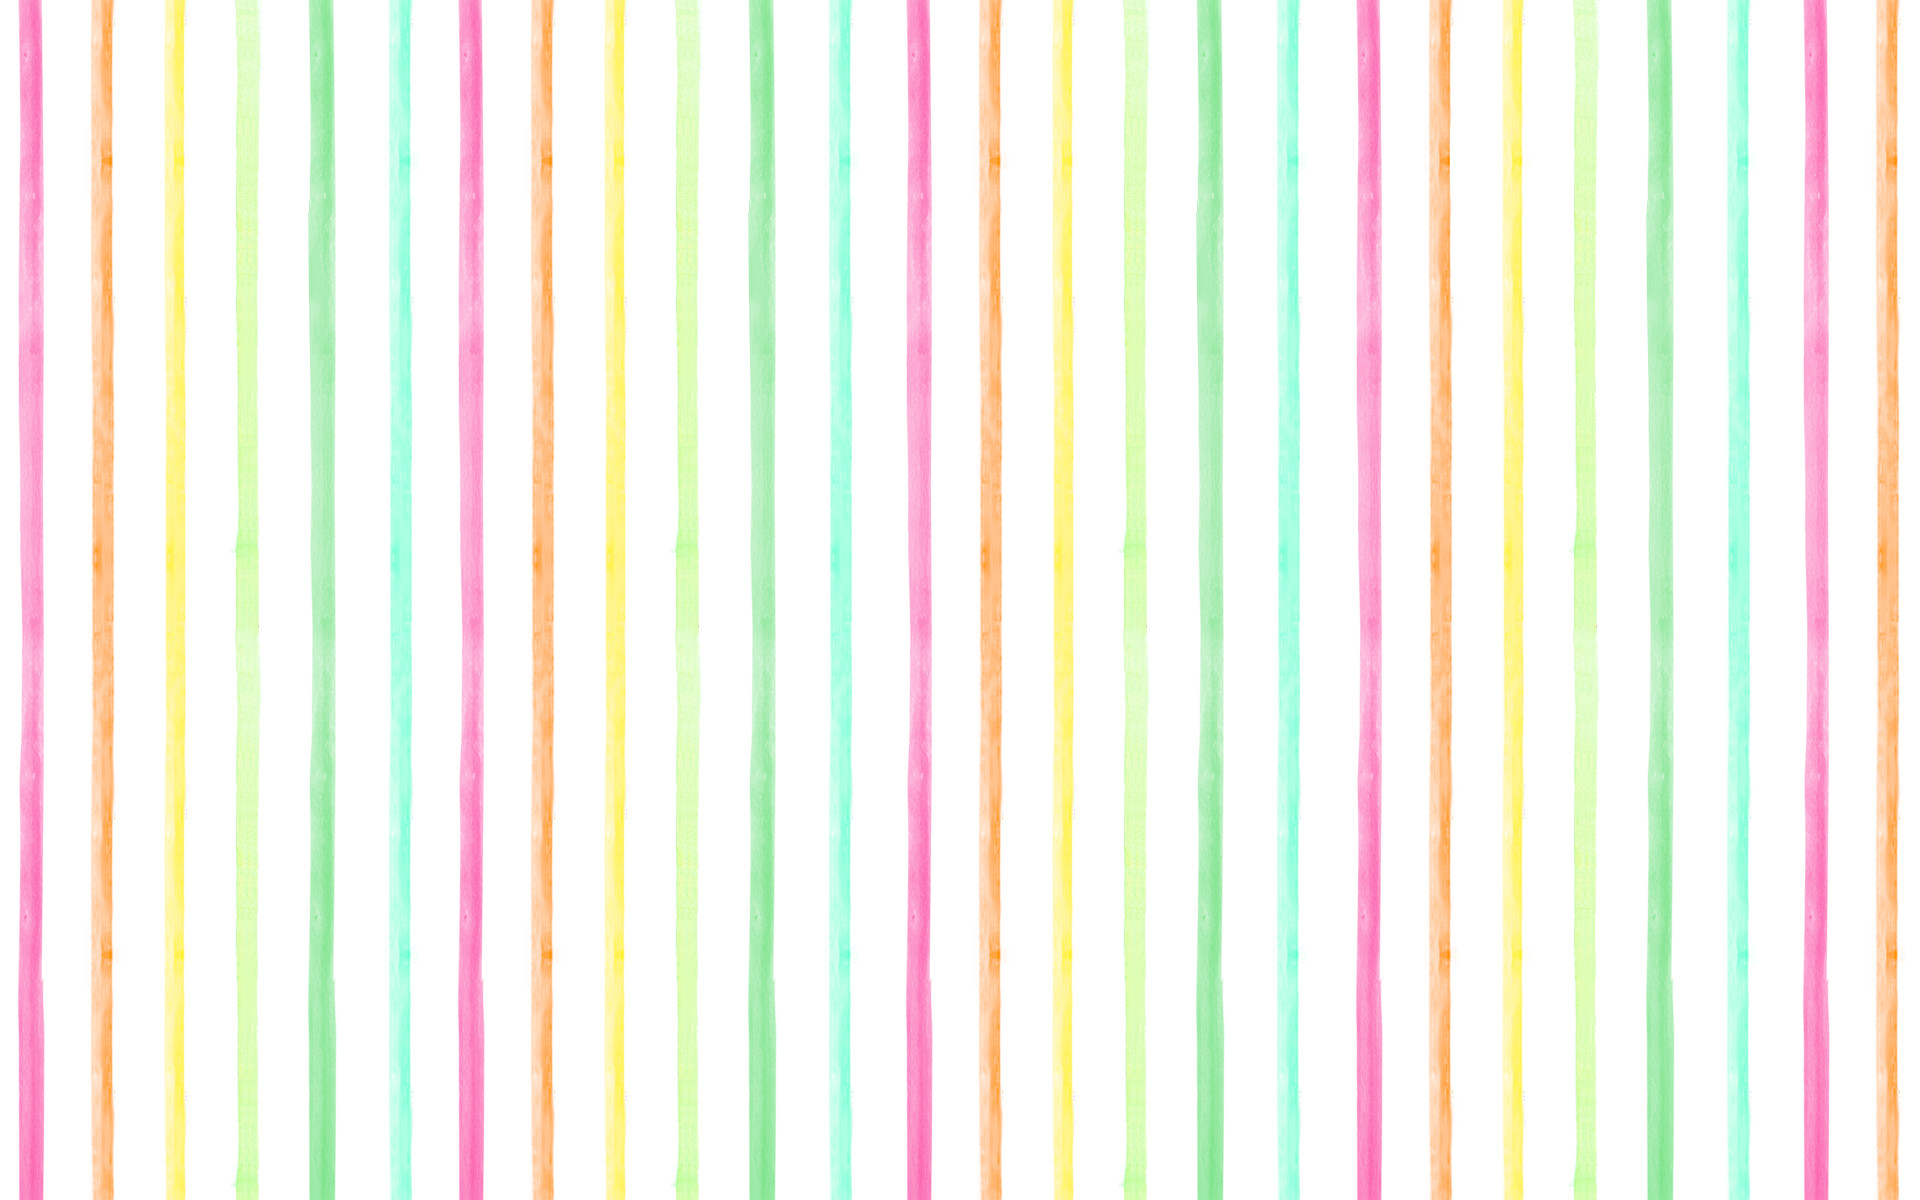 https://www.eatdrinkchic.com/assets/content/freebies/stripes_1920x1200.jpg |  Home & Decor | Pinterest | Wallpaper, Mac wallpaper and Desktop backgrounds